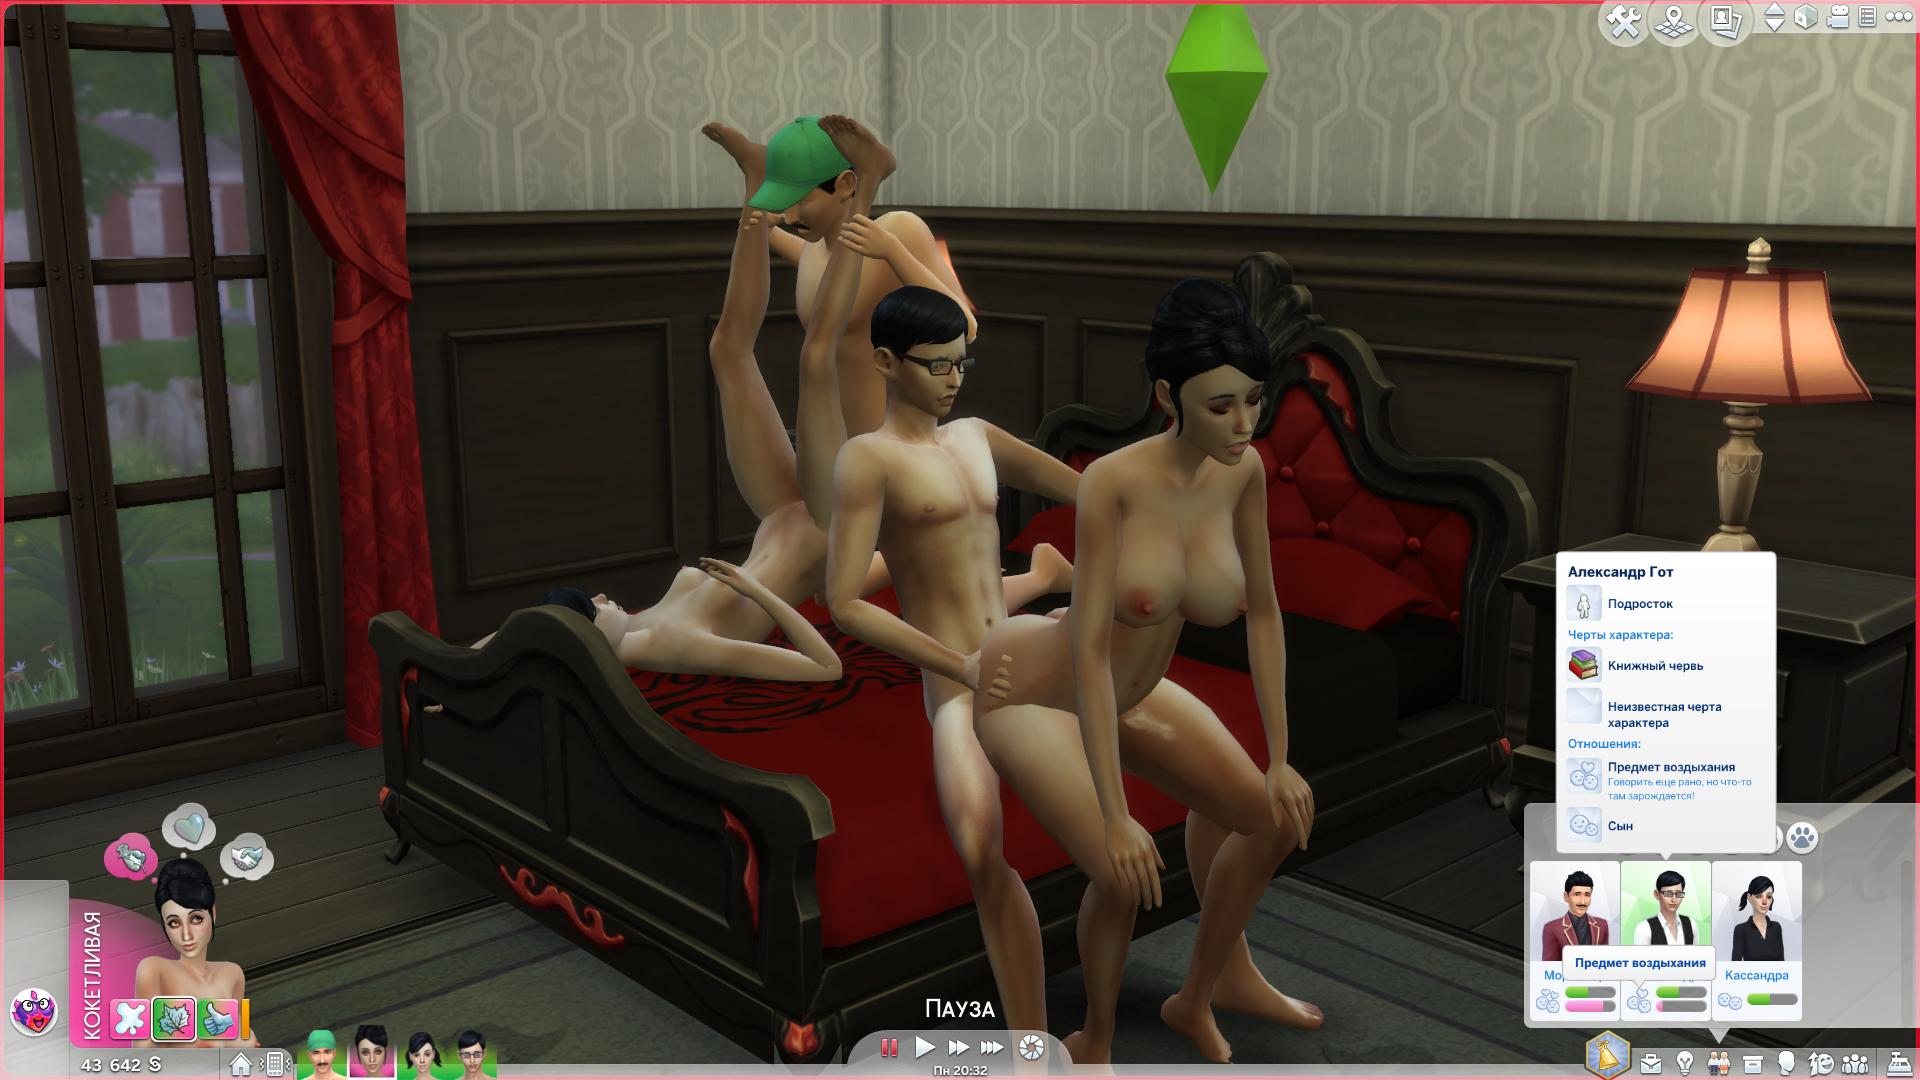 Скачать Игру Порно Симс 4